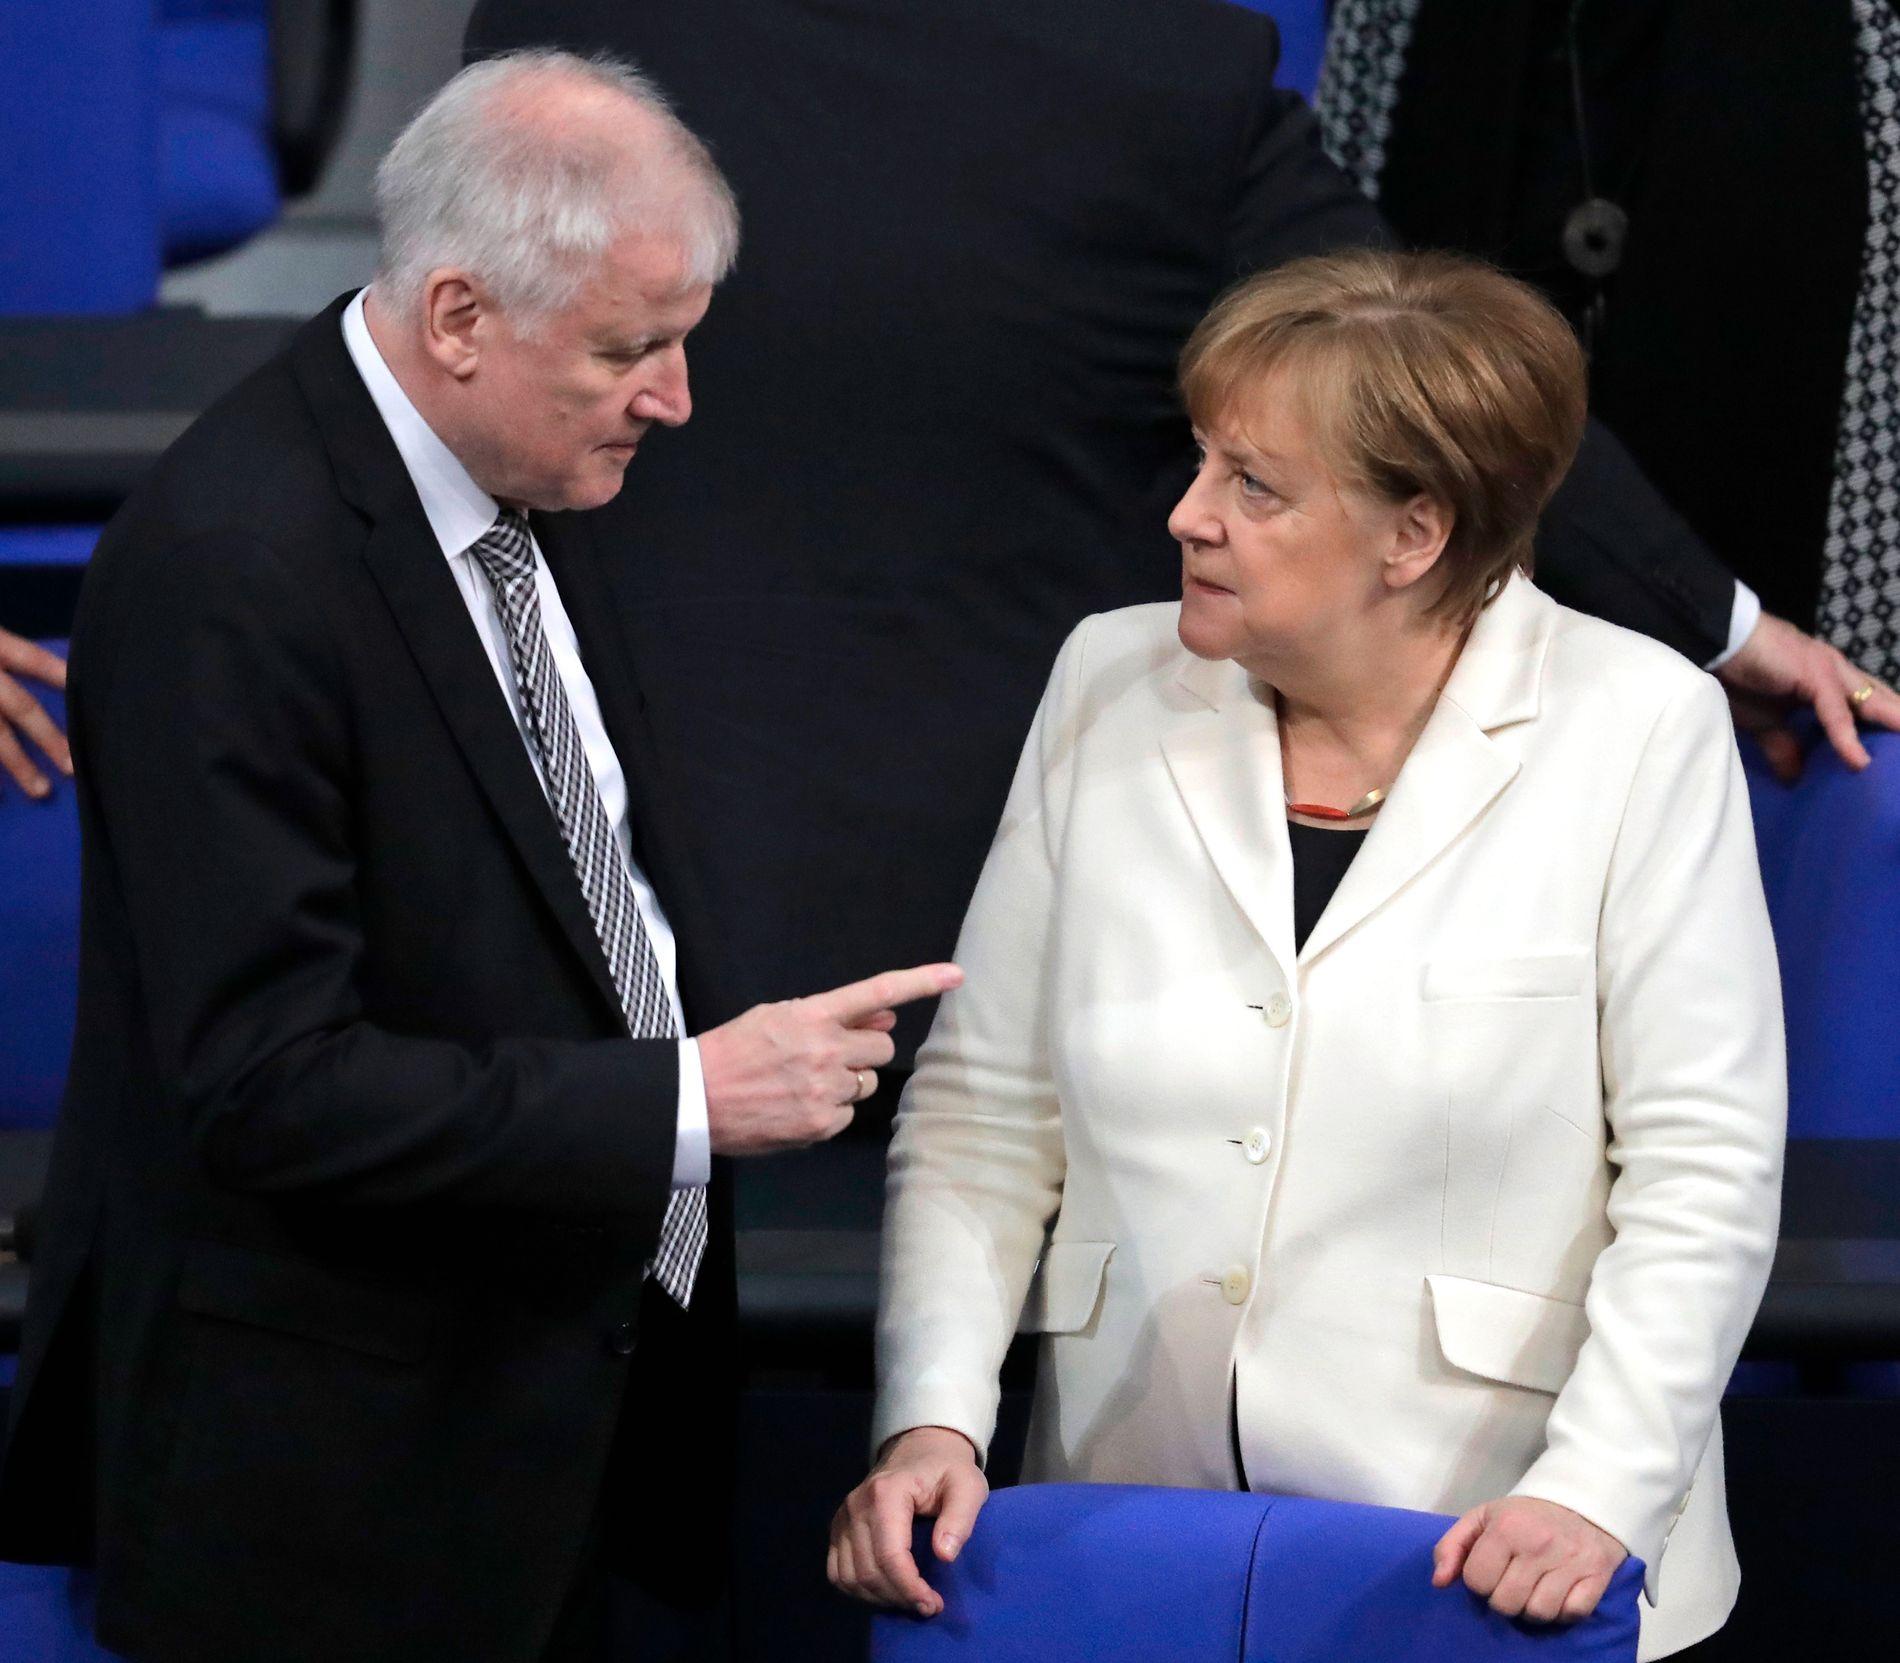 ENIGE: Tysklands forbundskansler Angela Merkel og innenriksminister  Horst Seehofer i parlamentet i Berlin.